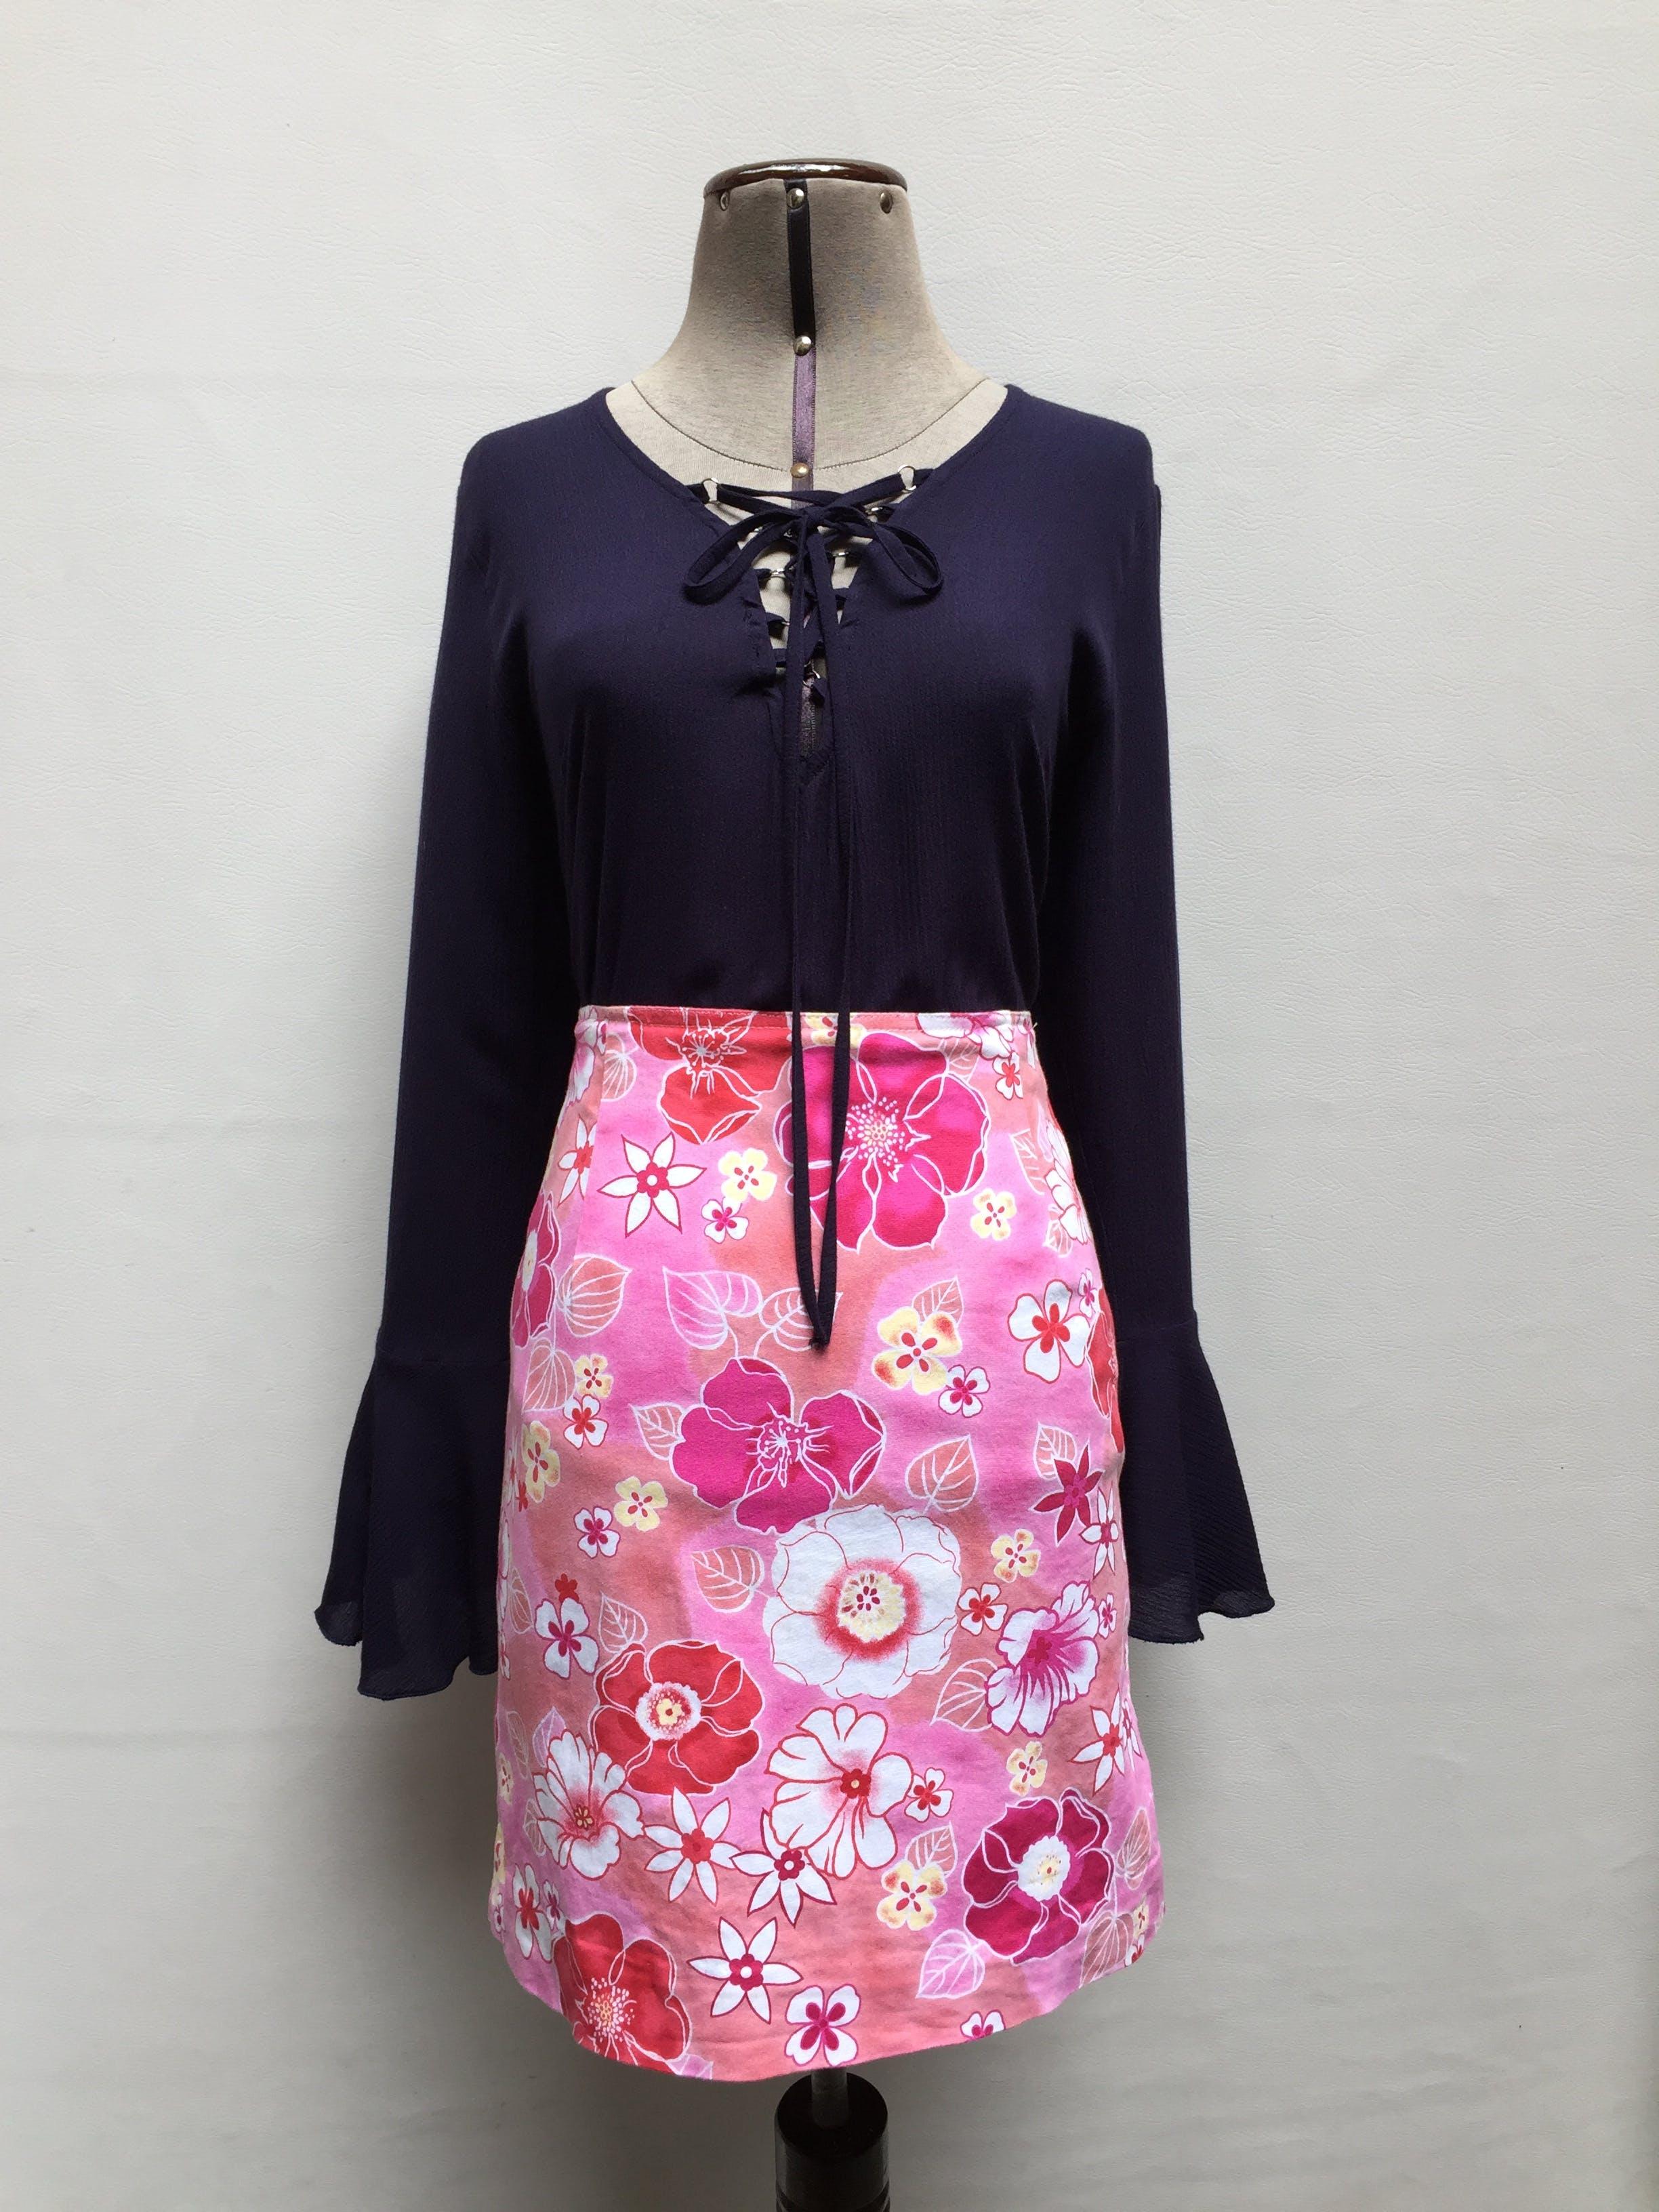 Falda fondo rosa con print de flores blancas y rojas, 96% algodòn  Talla S (78cm)